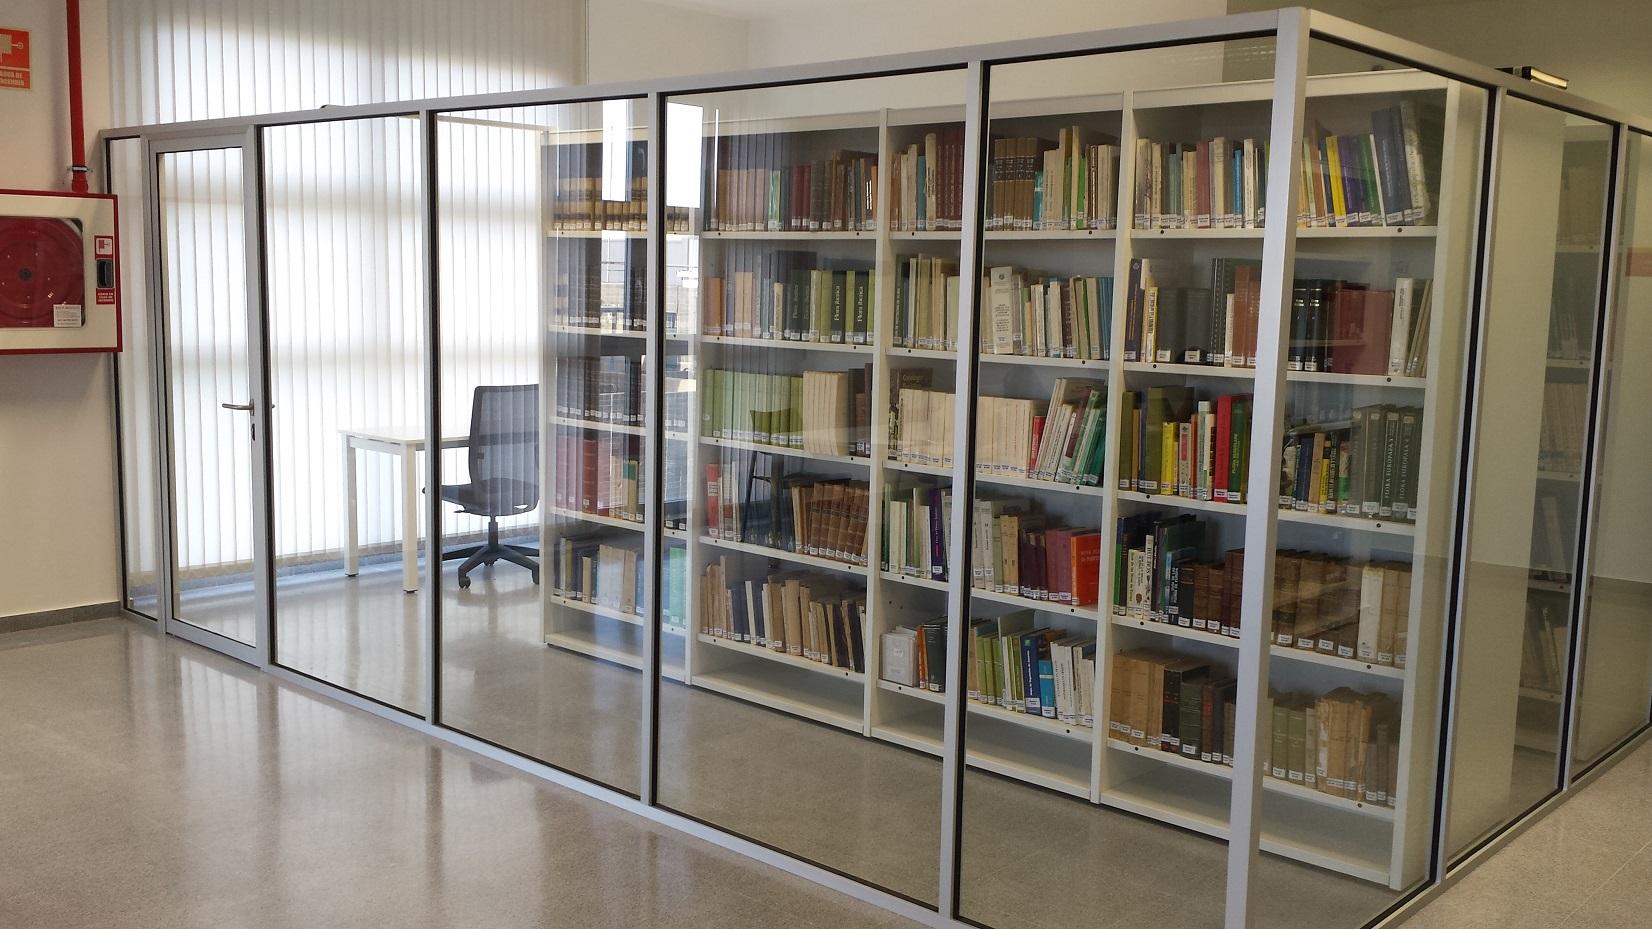 Proyectos de oficina en Sevilla: Diseño espacio interior de bibliotecas y universidades